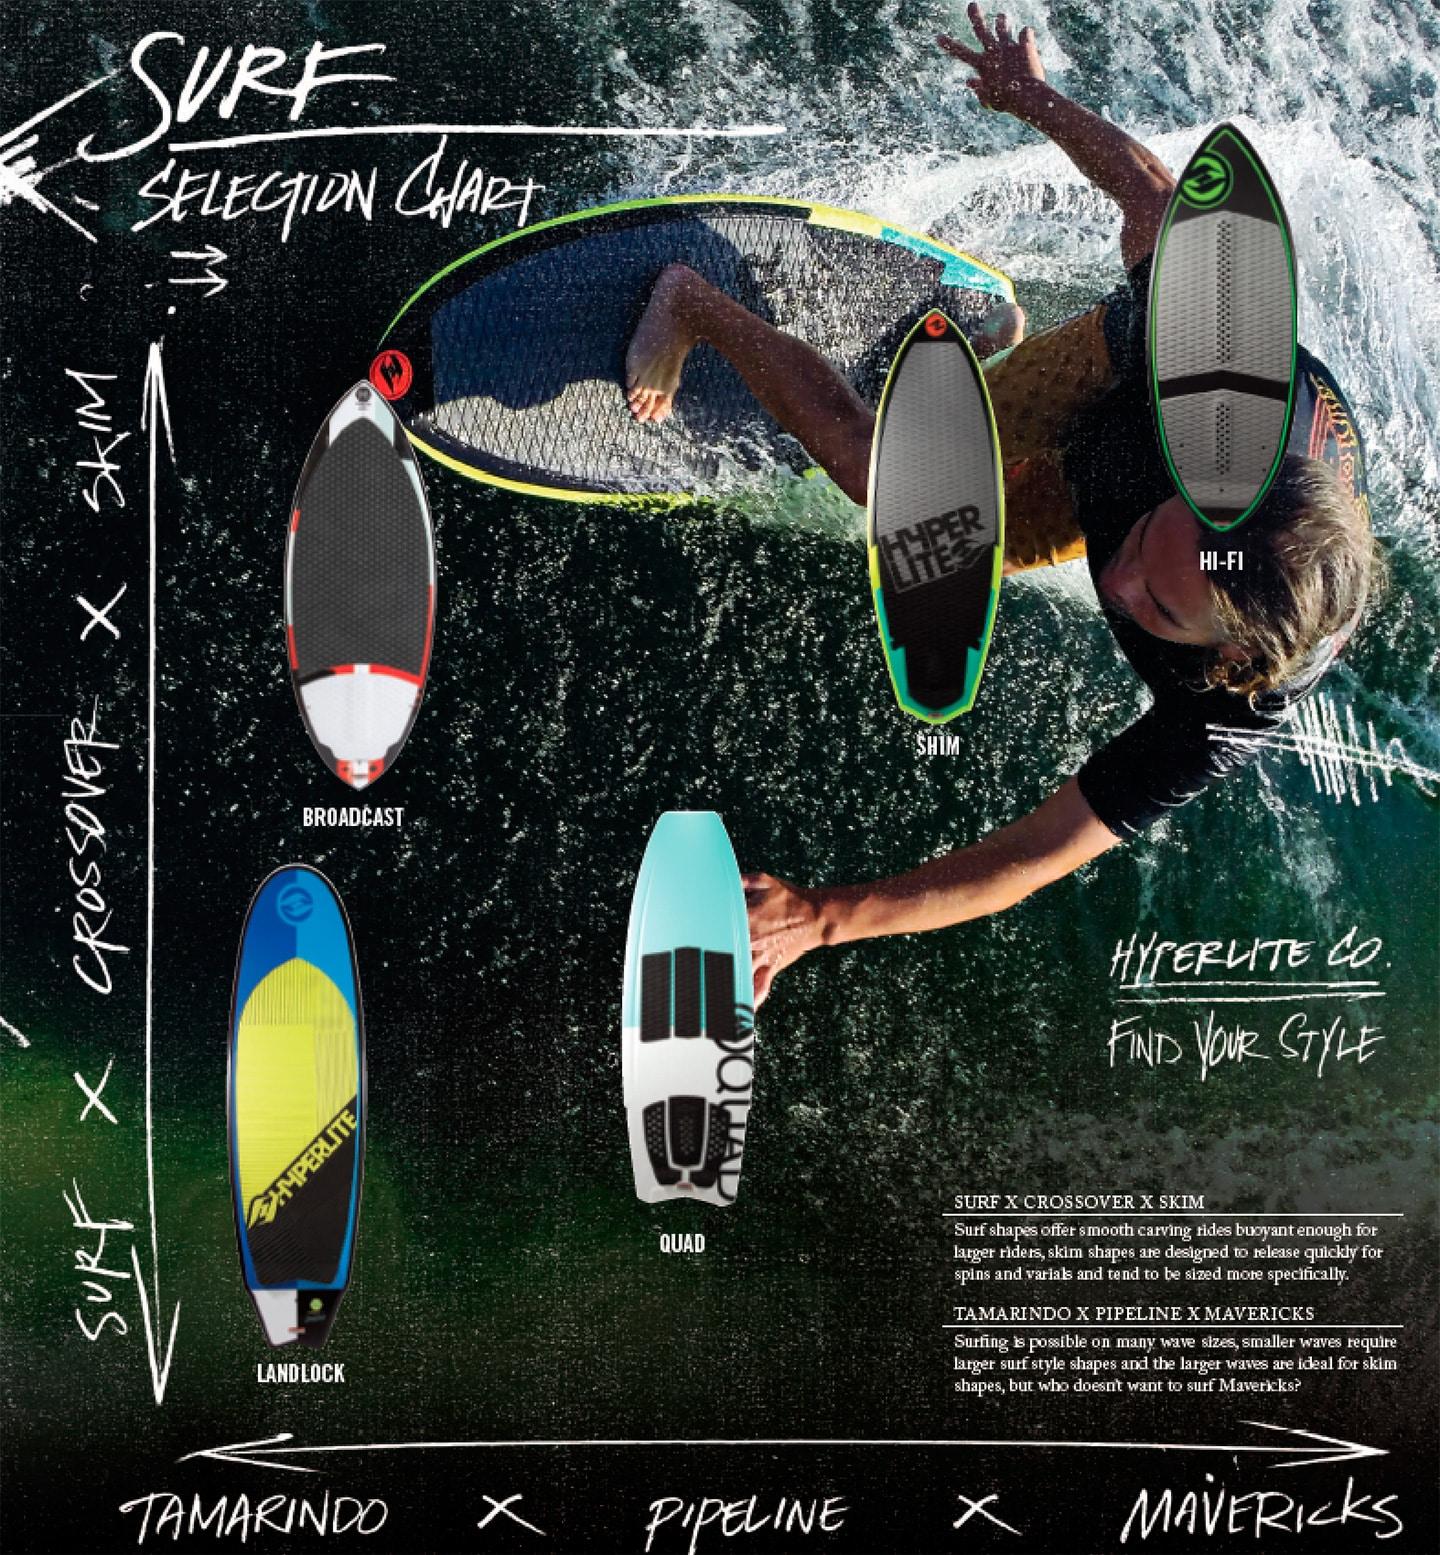 Cuadro de selección de tablas de wakeurf